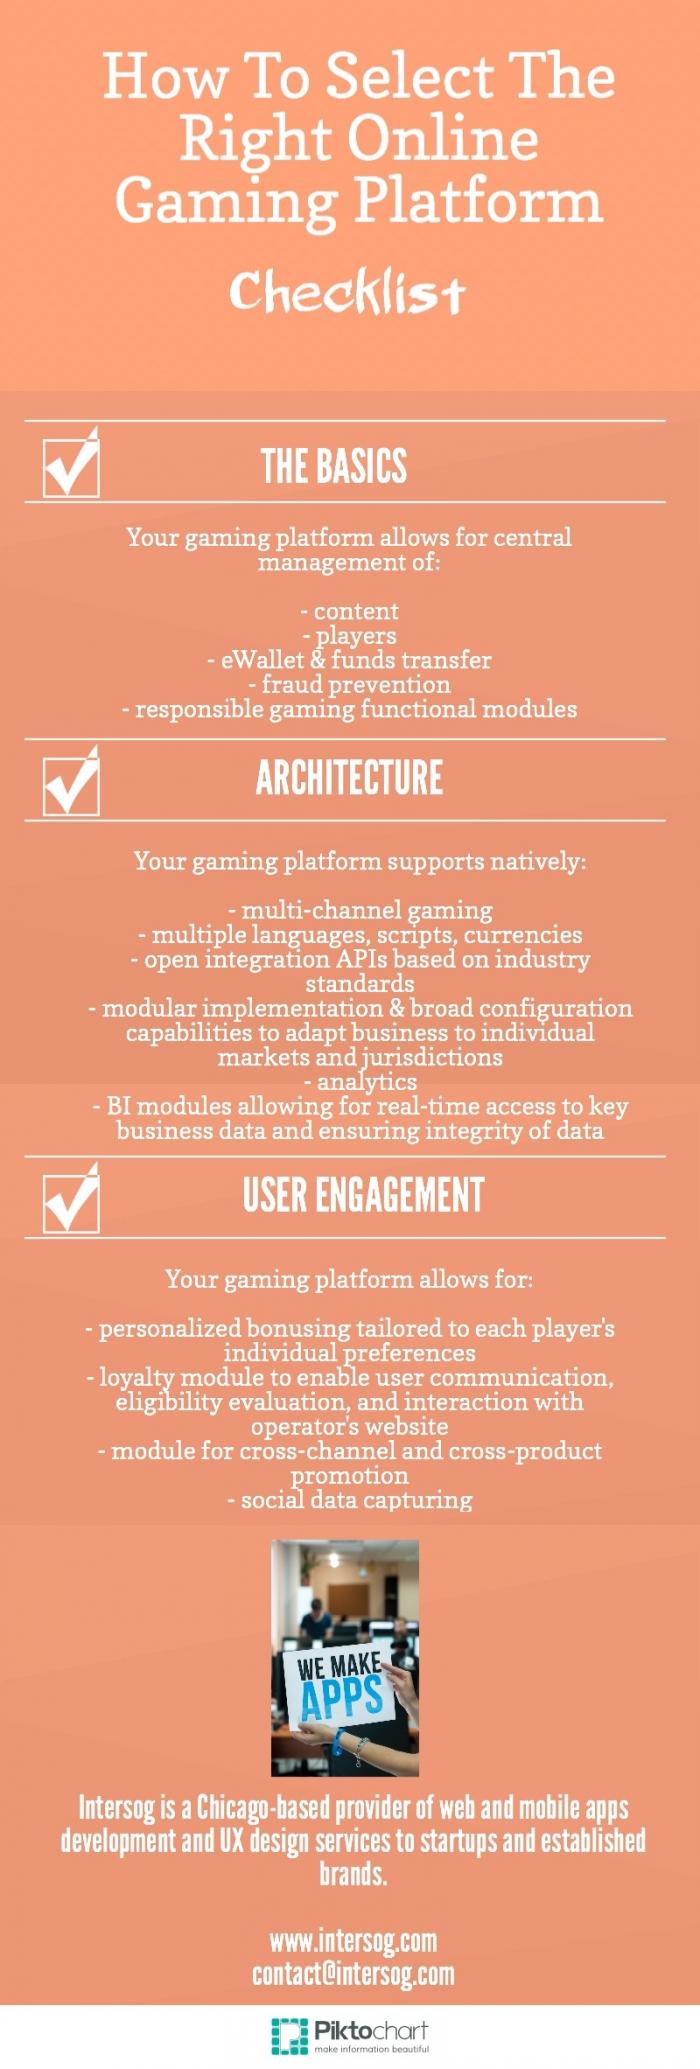 gaming platforms 2014